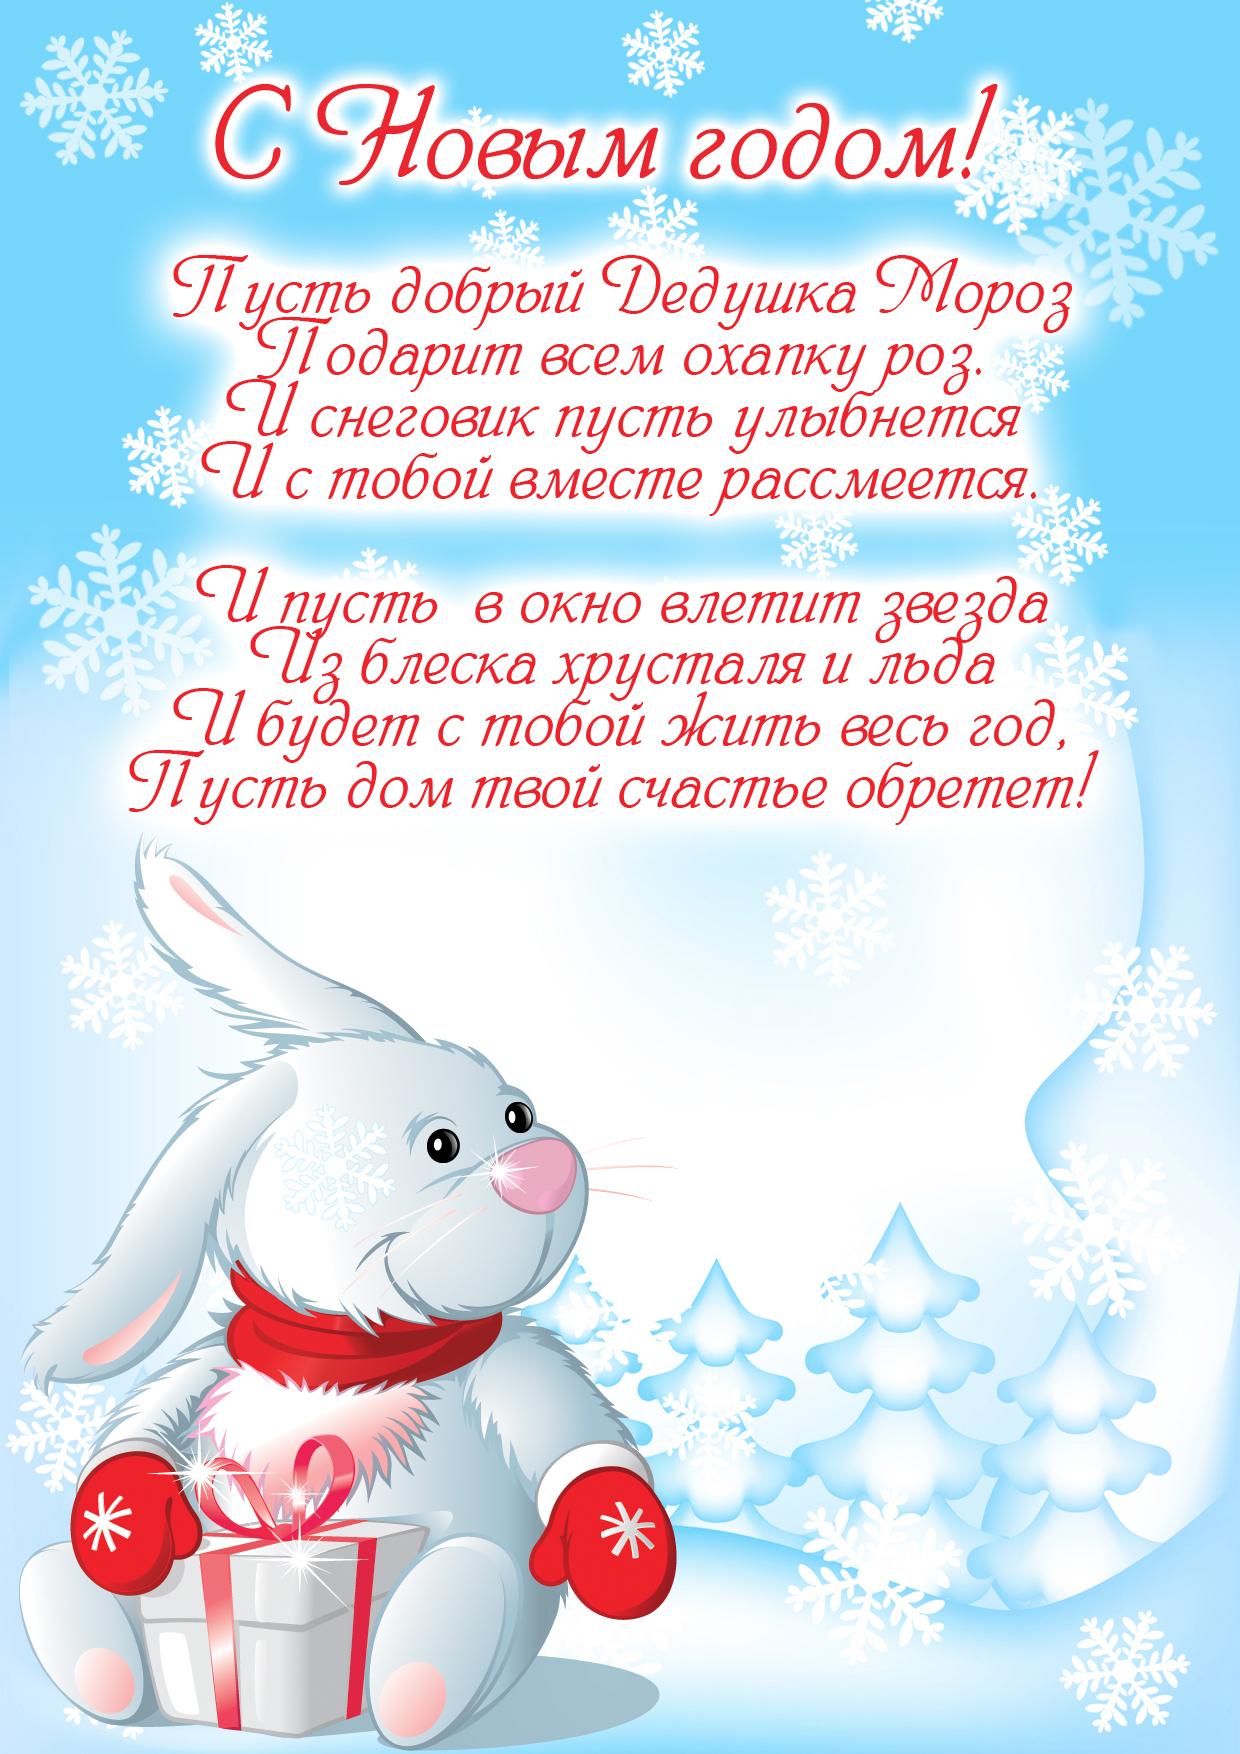 Открытки, поздравление с новым годом открытки текст